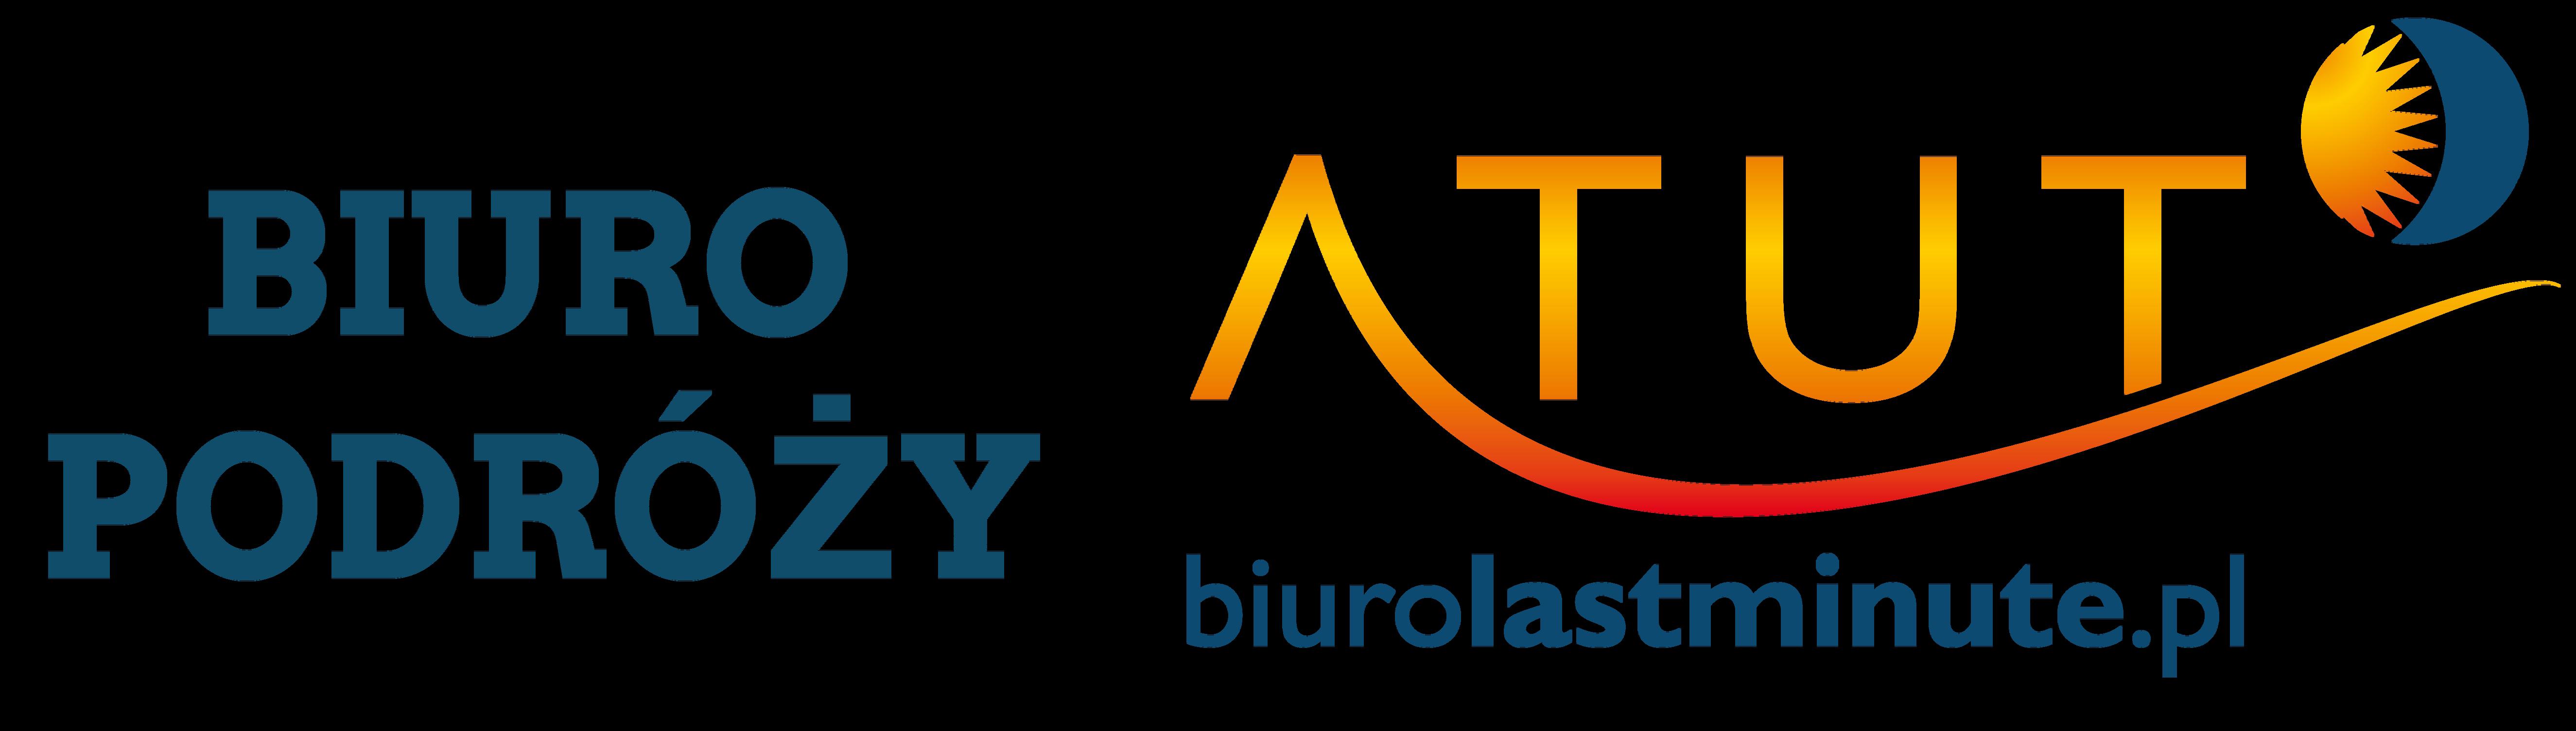 Biuro Podróży ATUT - Portal Turystyczny www.biurolastminute.pl